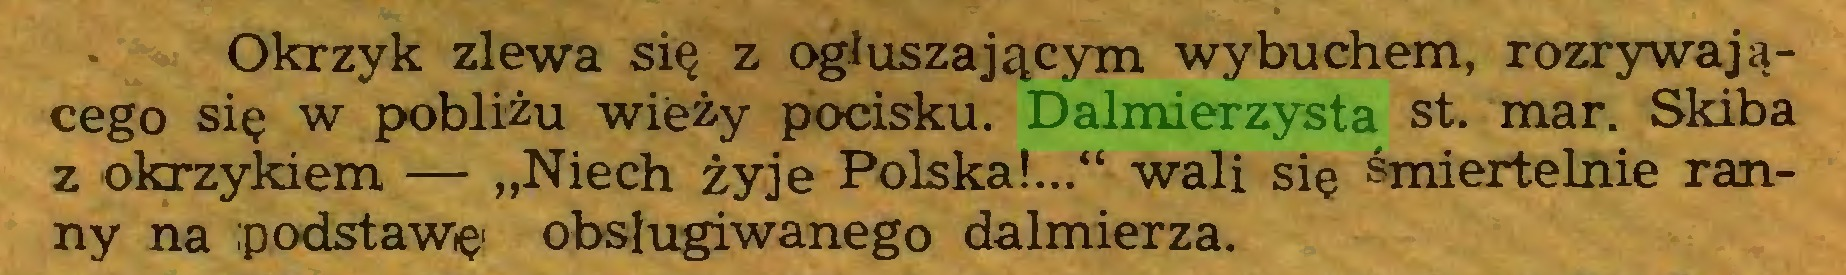 """(...) Okrzyk zlewa się z ogłuszającym wybuchem, rozrywającego się w pobliżu wieży pocisku. Dalmierzysta st. mar. Skiba z okrzykiem — """"Niech żyje Polska!..."""" wali się śmiertelnie ranny na ;p odstawię obsługiwanego dalmierza..."""